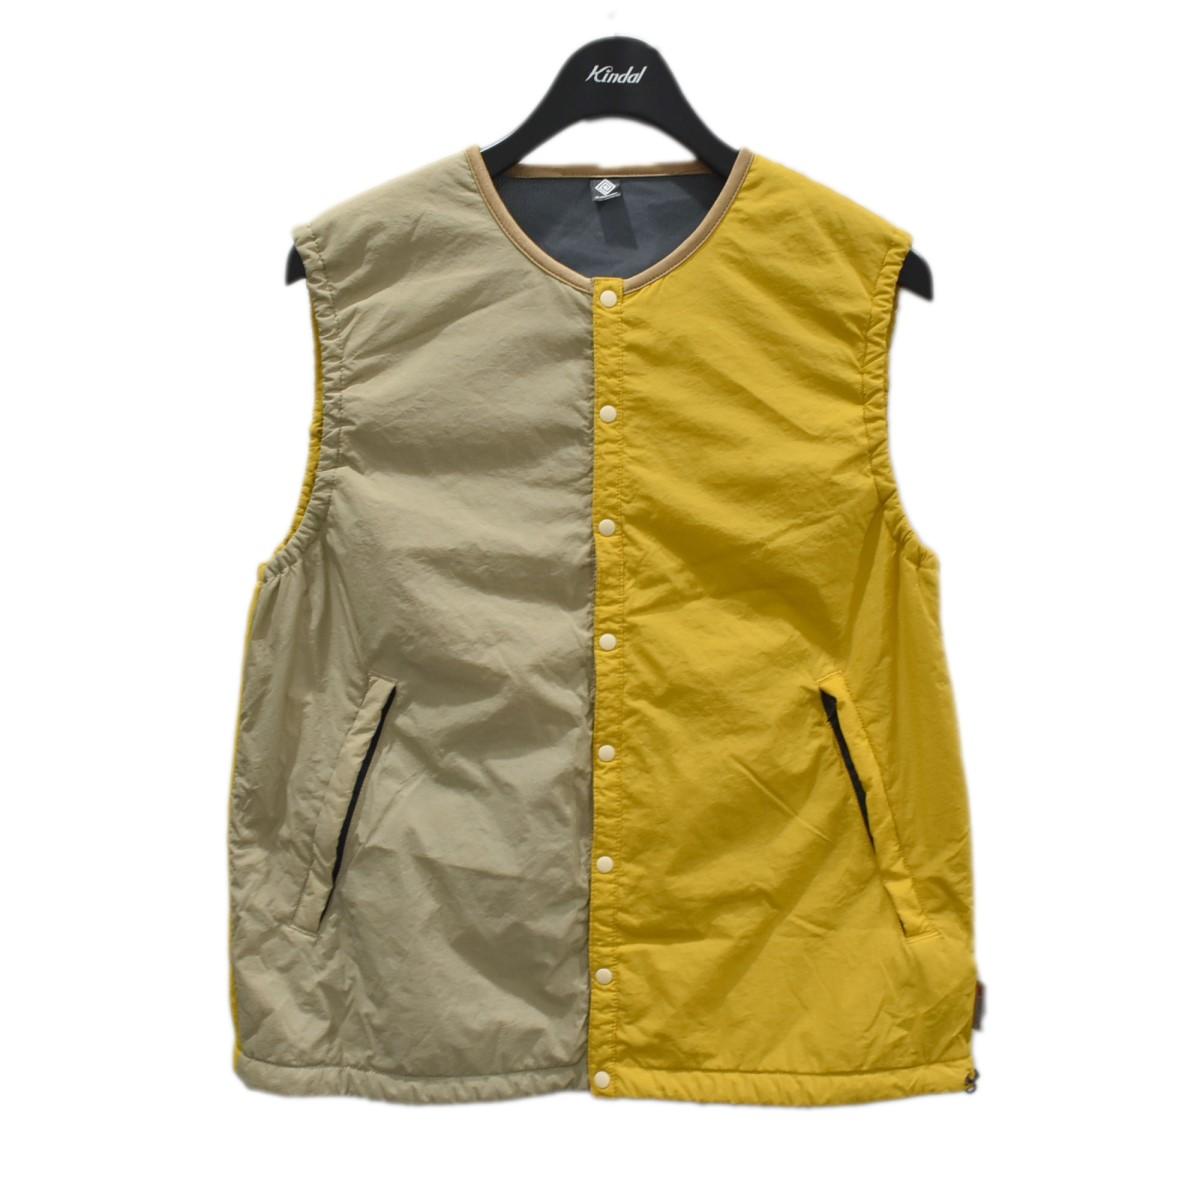 エルドレッソ ☆新作入荷☆新品 中古 買い物 ELDORESO Garushia Vest ベージュ×イエロー 310721 ガルシアベスト サイズ:S